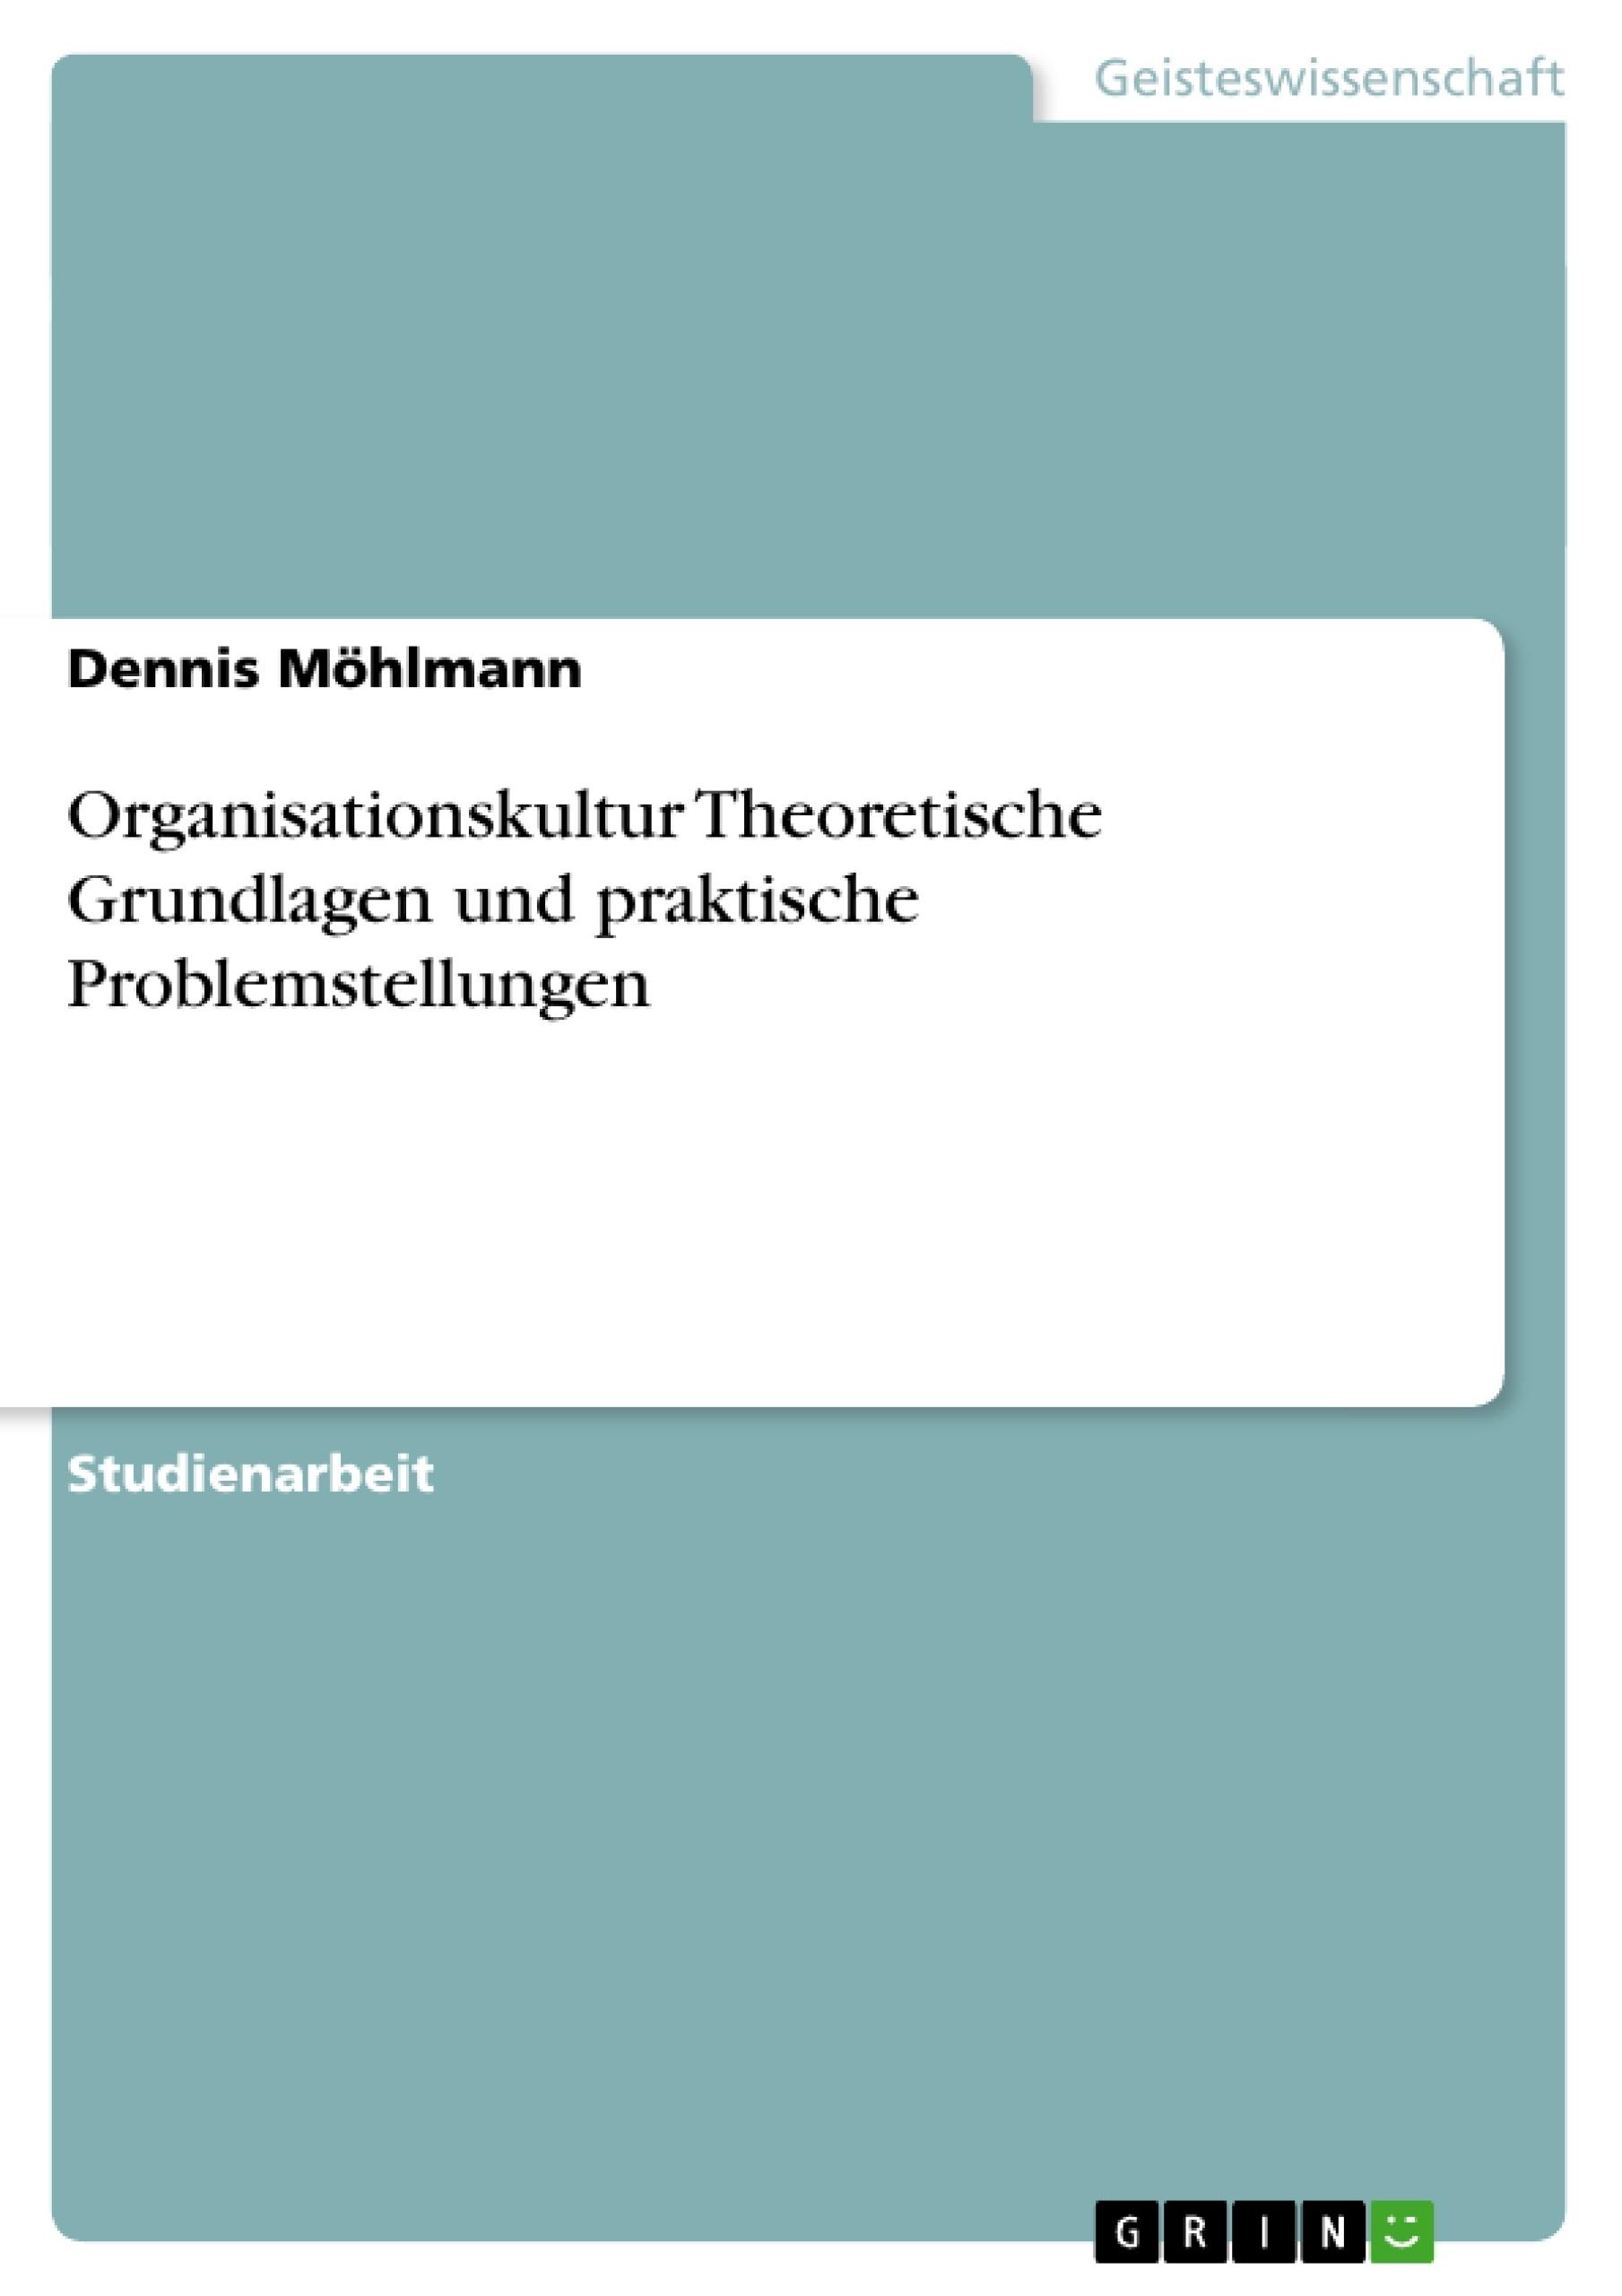 Titel: Organisationskultur Theoretische Grundlagen und praktische Problemstellungen